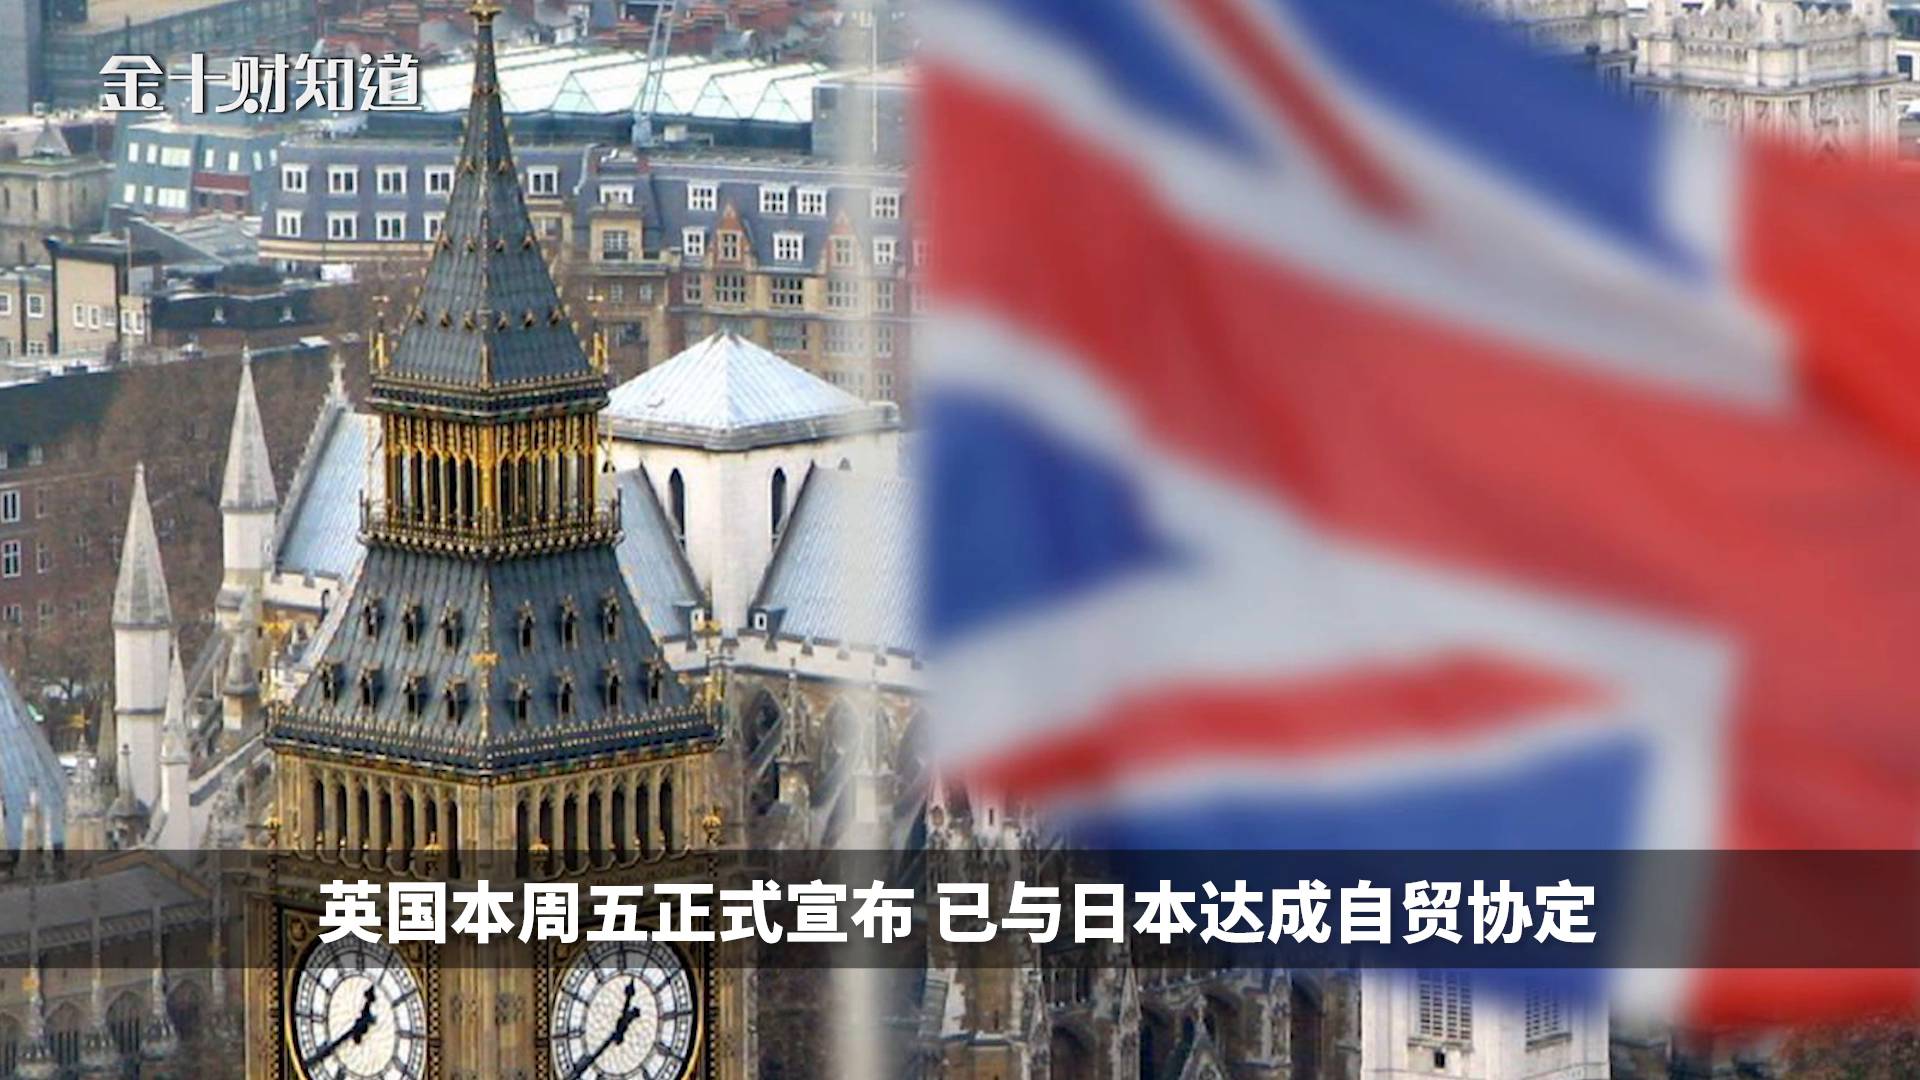 最新!英国正式宣布:与日本达成自贸协定,99%的贸易产品免税